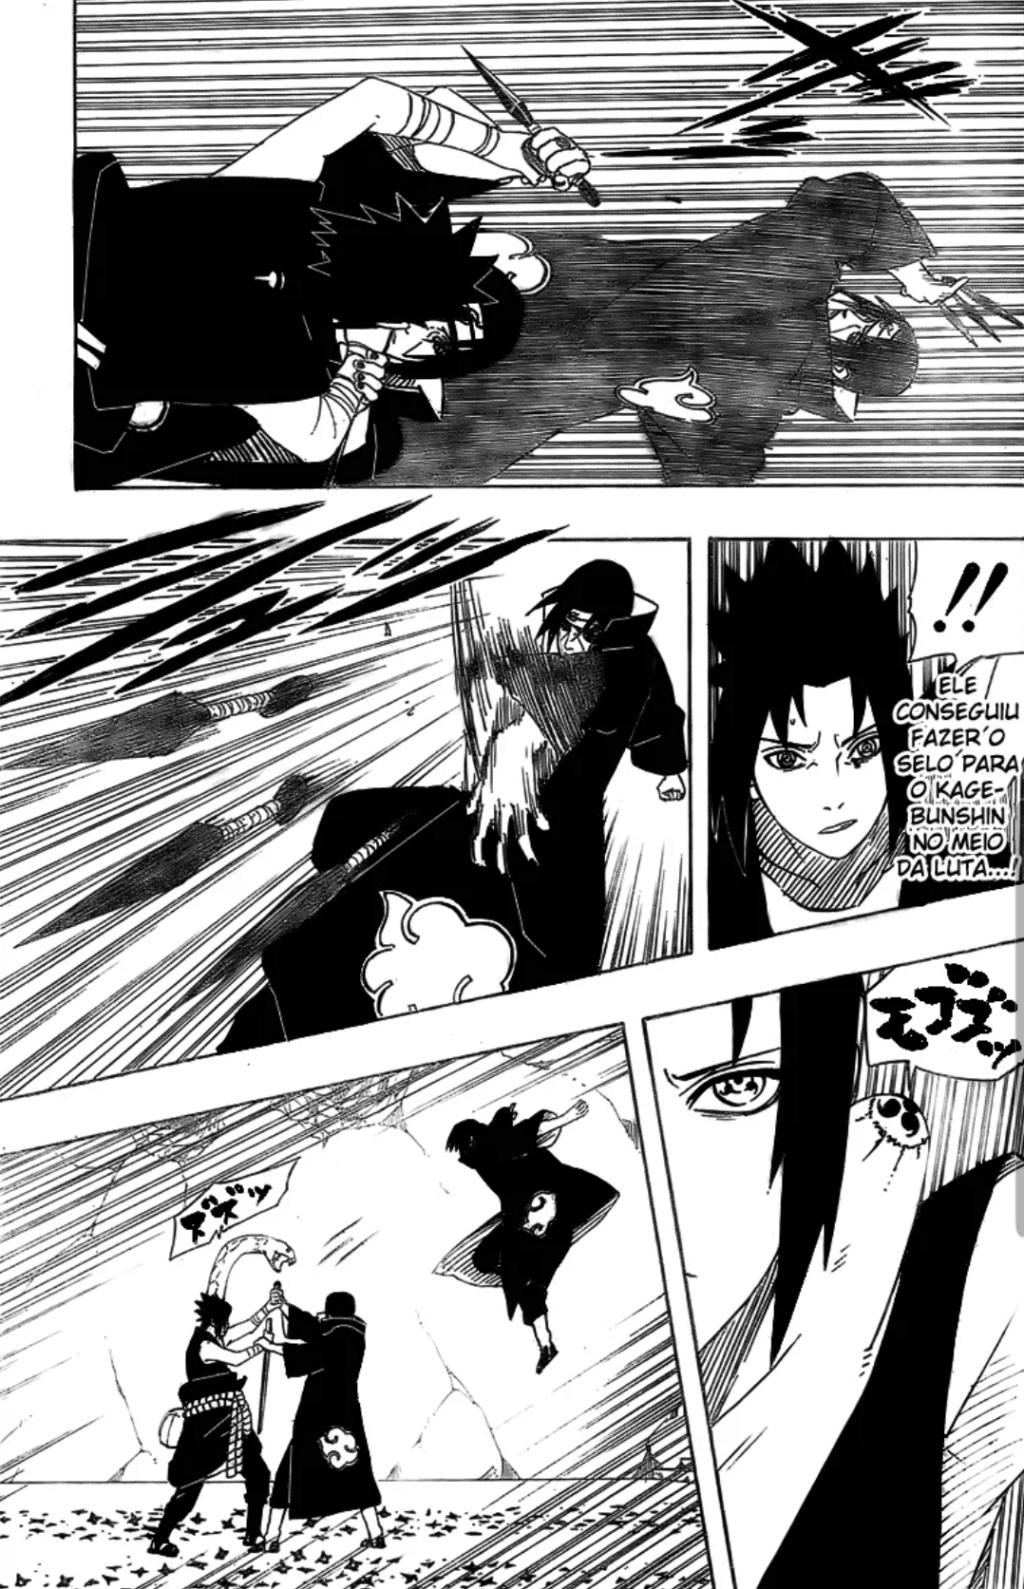 Sasuke Hebi vs Itachi 3 tomoe - Página 2 Smarts29